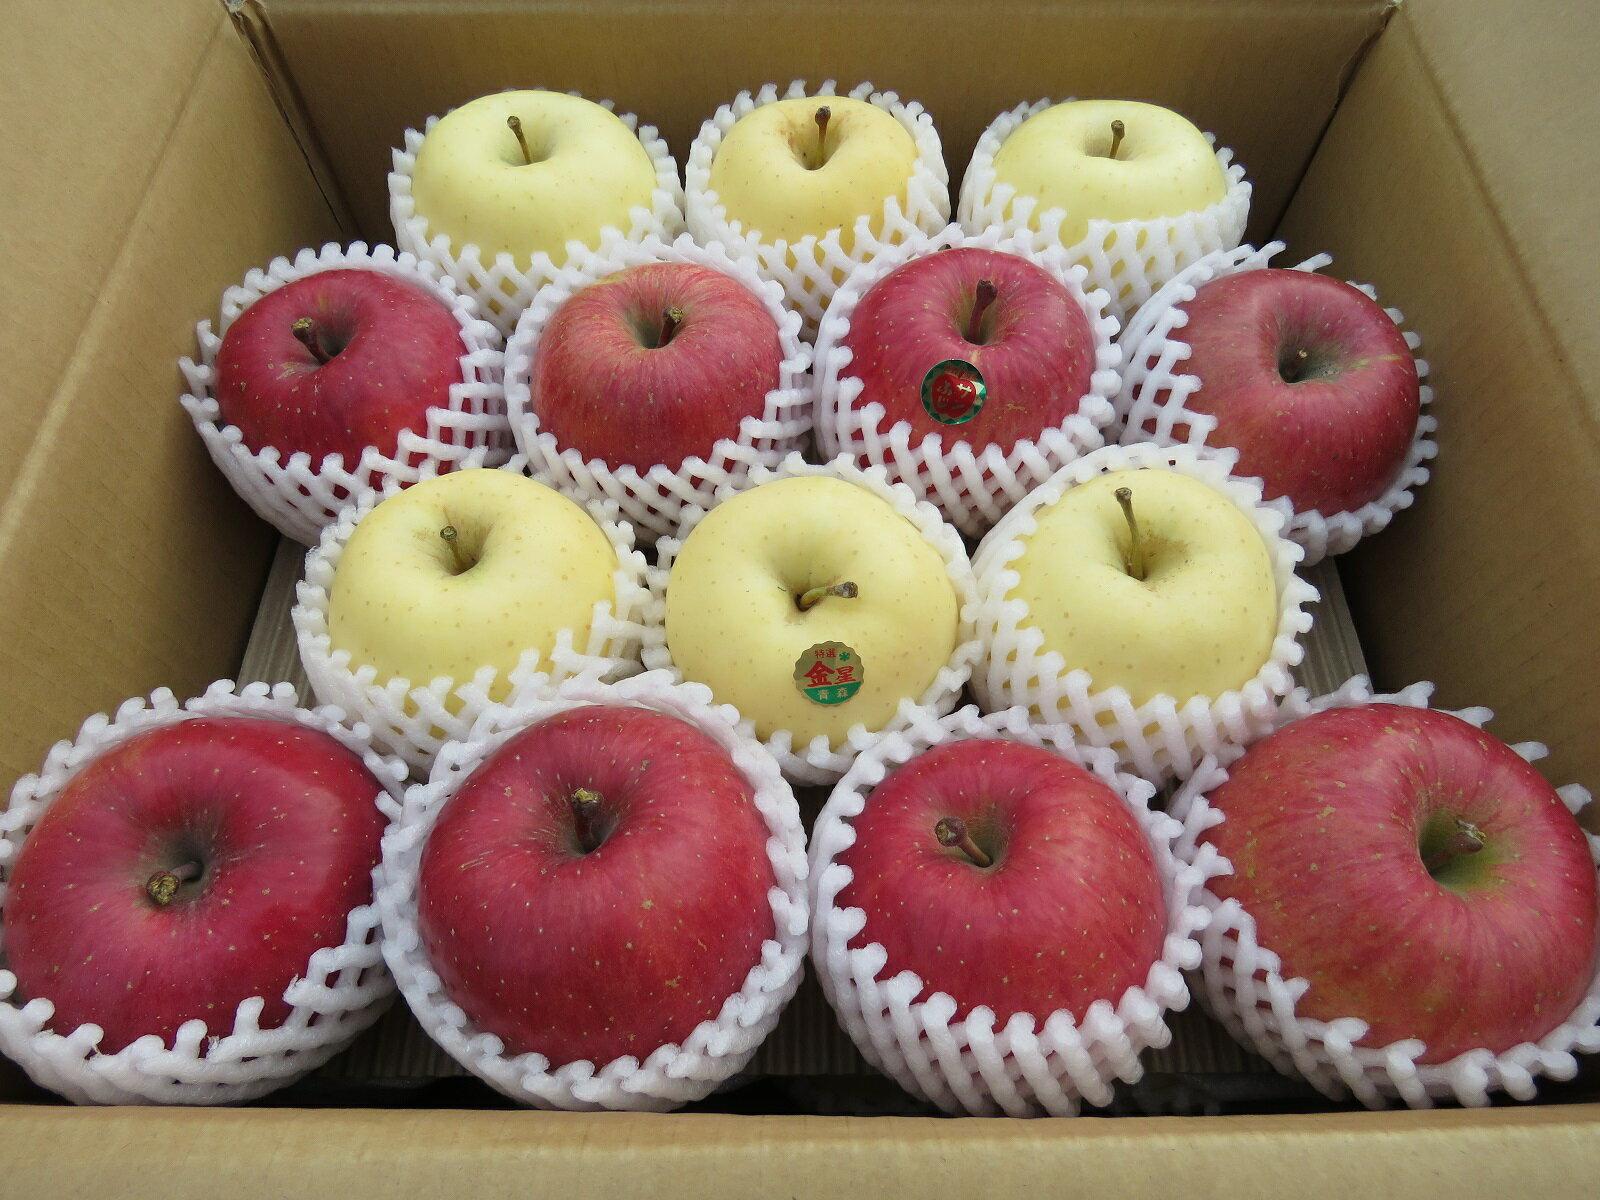 【送料無料】 青森県産りんご 贈答用 サンふじ&金星5kg青森 りんご 5kg 送料無料お歳暮 ギフト